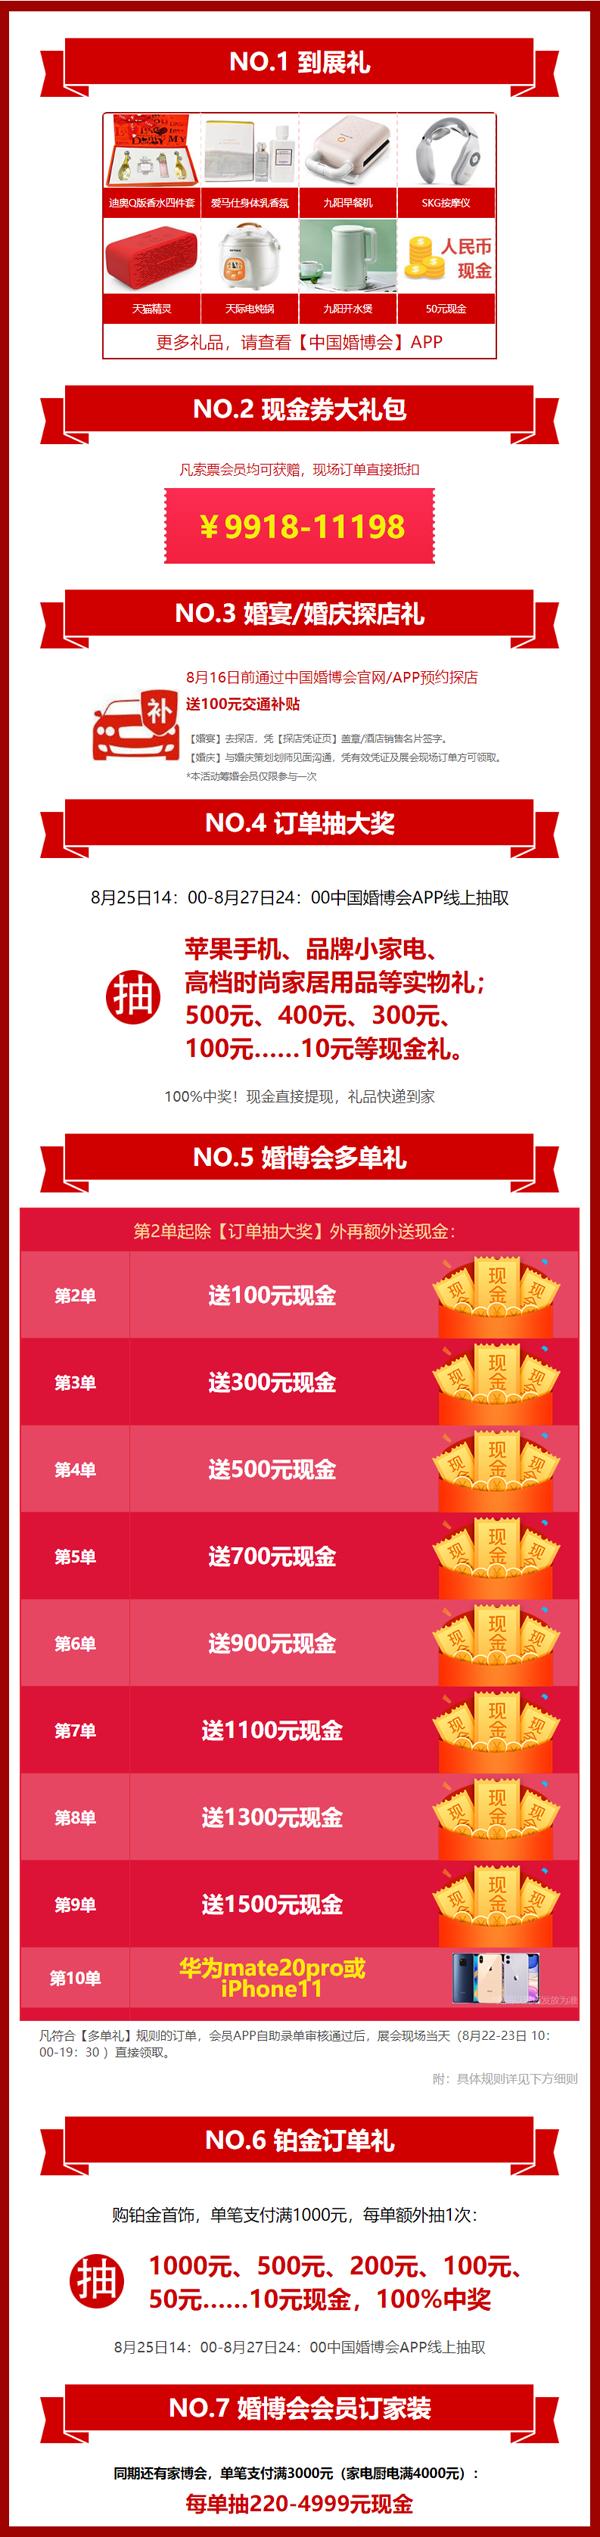 上海婚博会.png